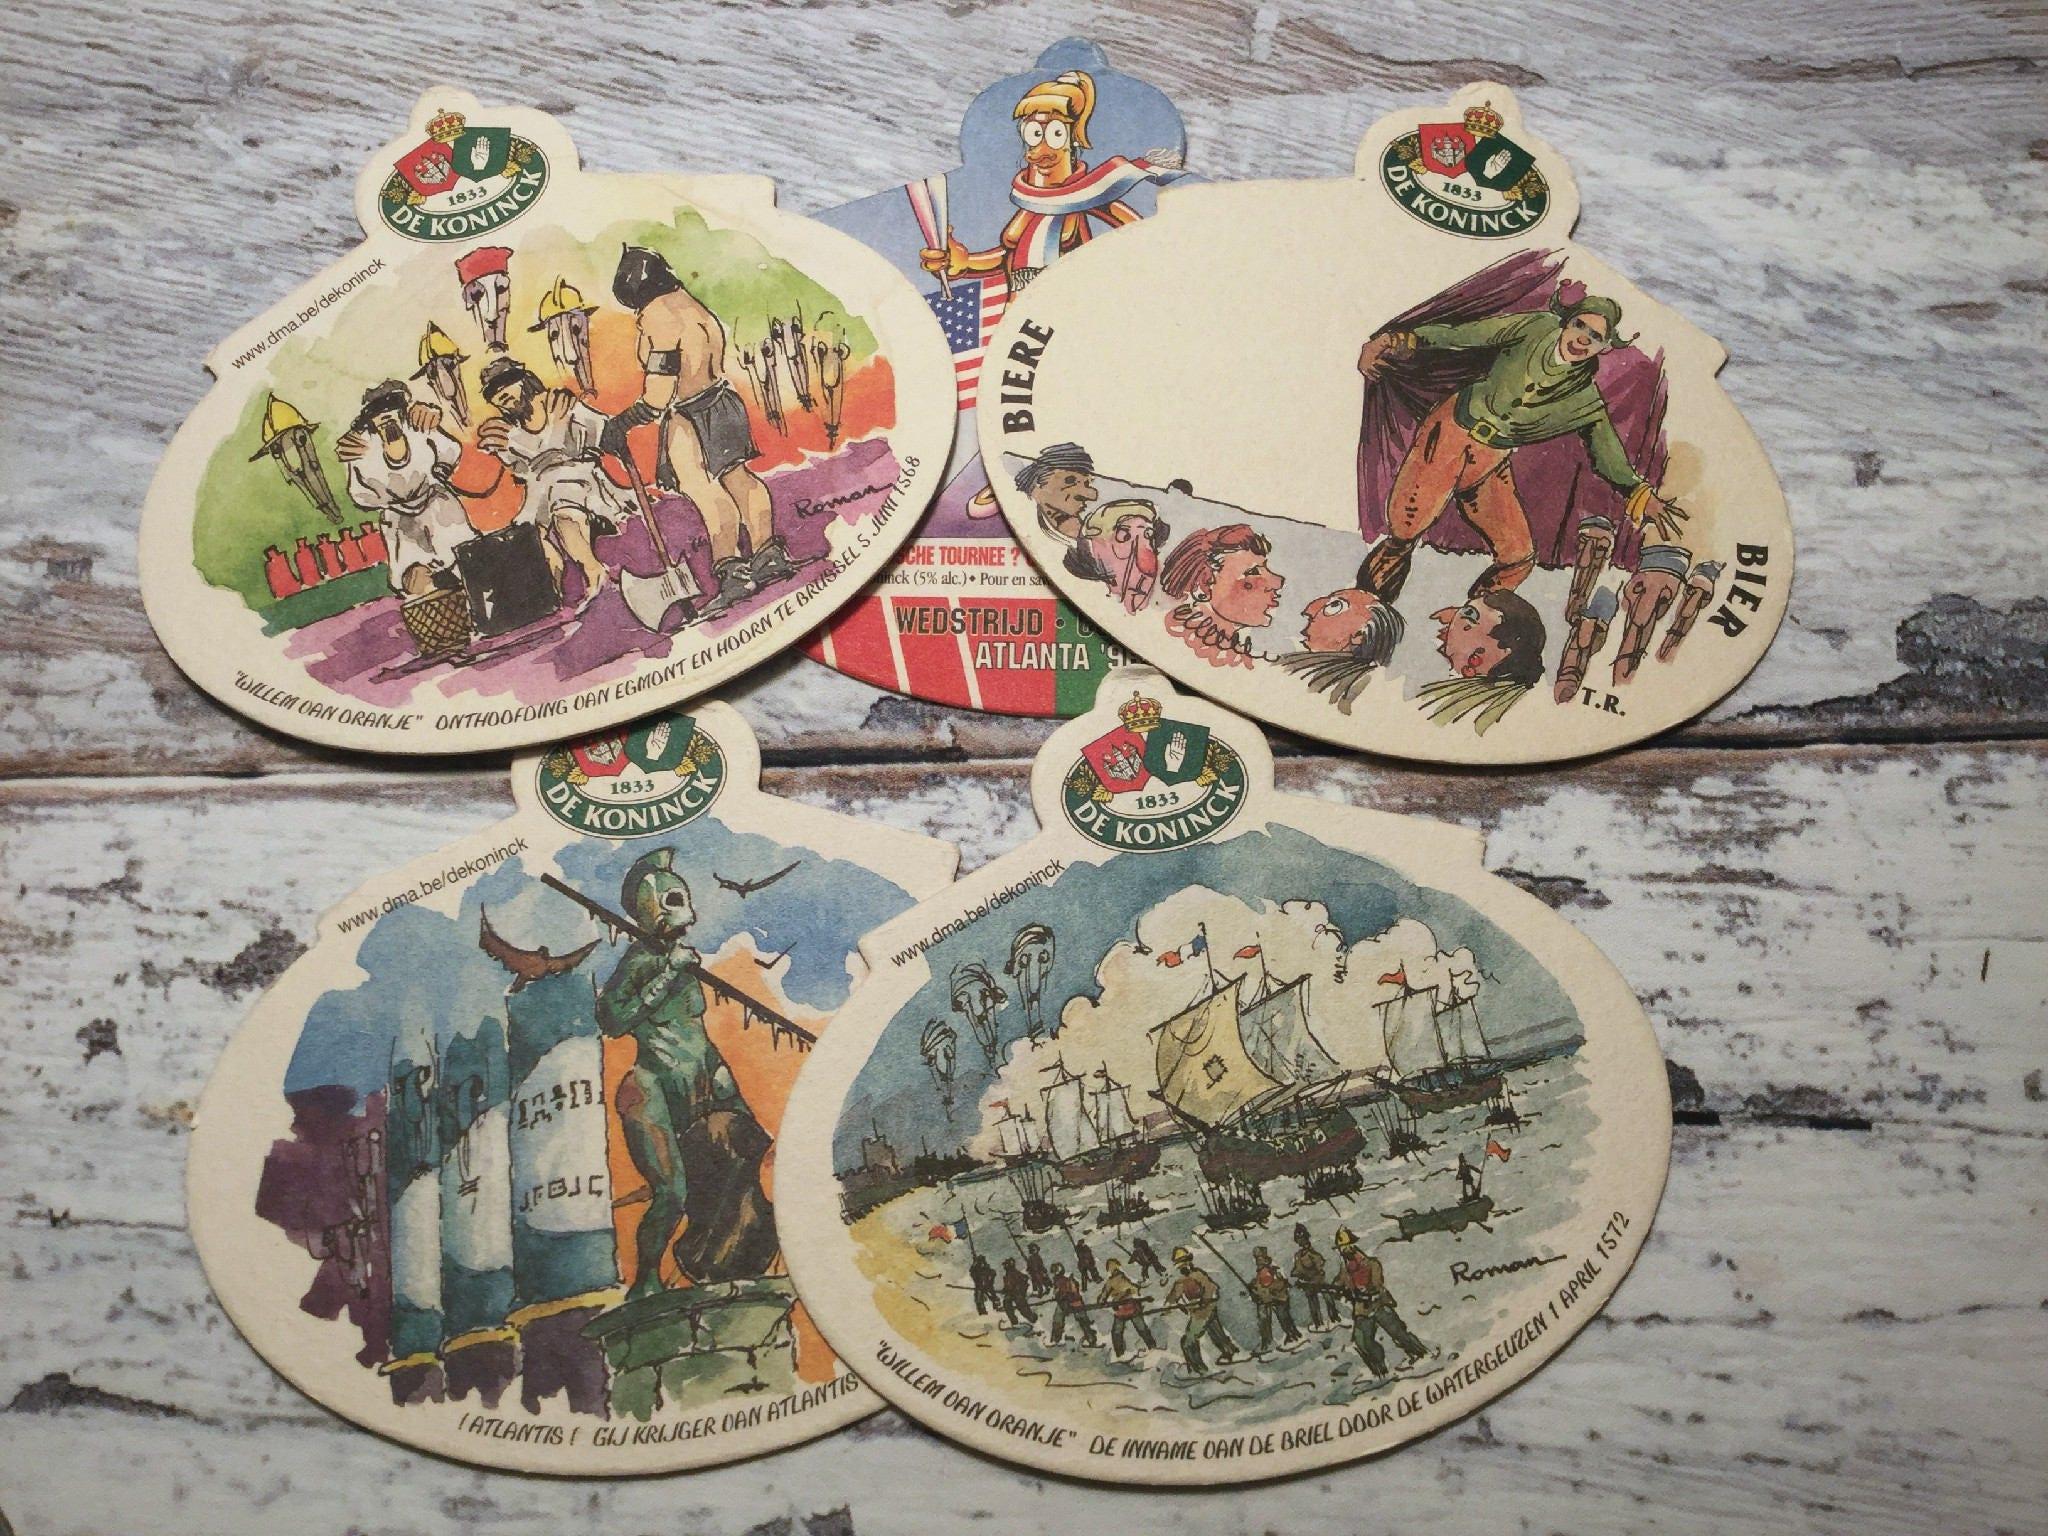 Belgian beer coasters de koninck vintage cardboard beermat - Cardboard beer coasters ...